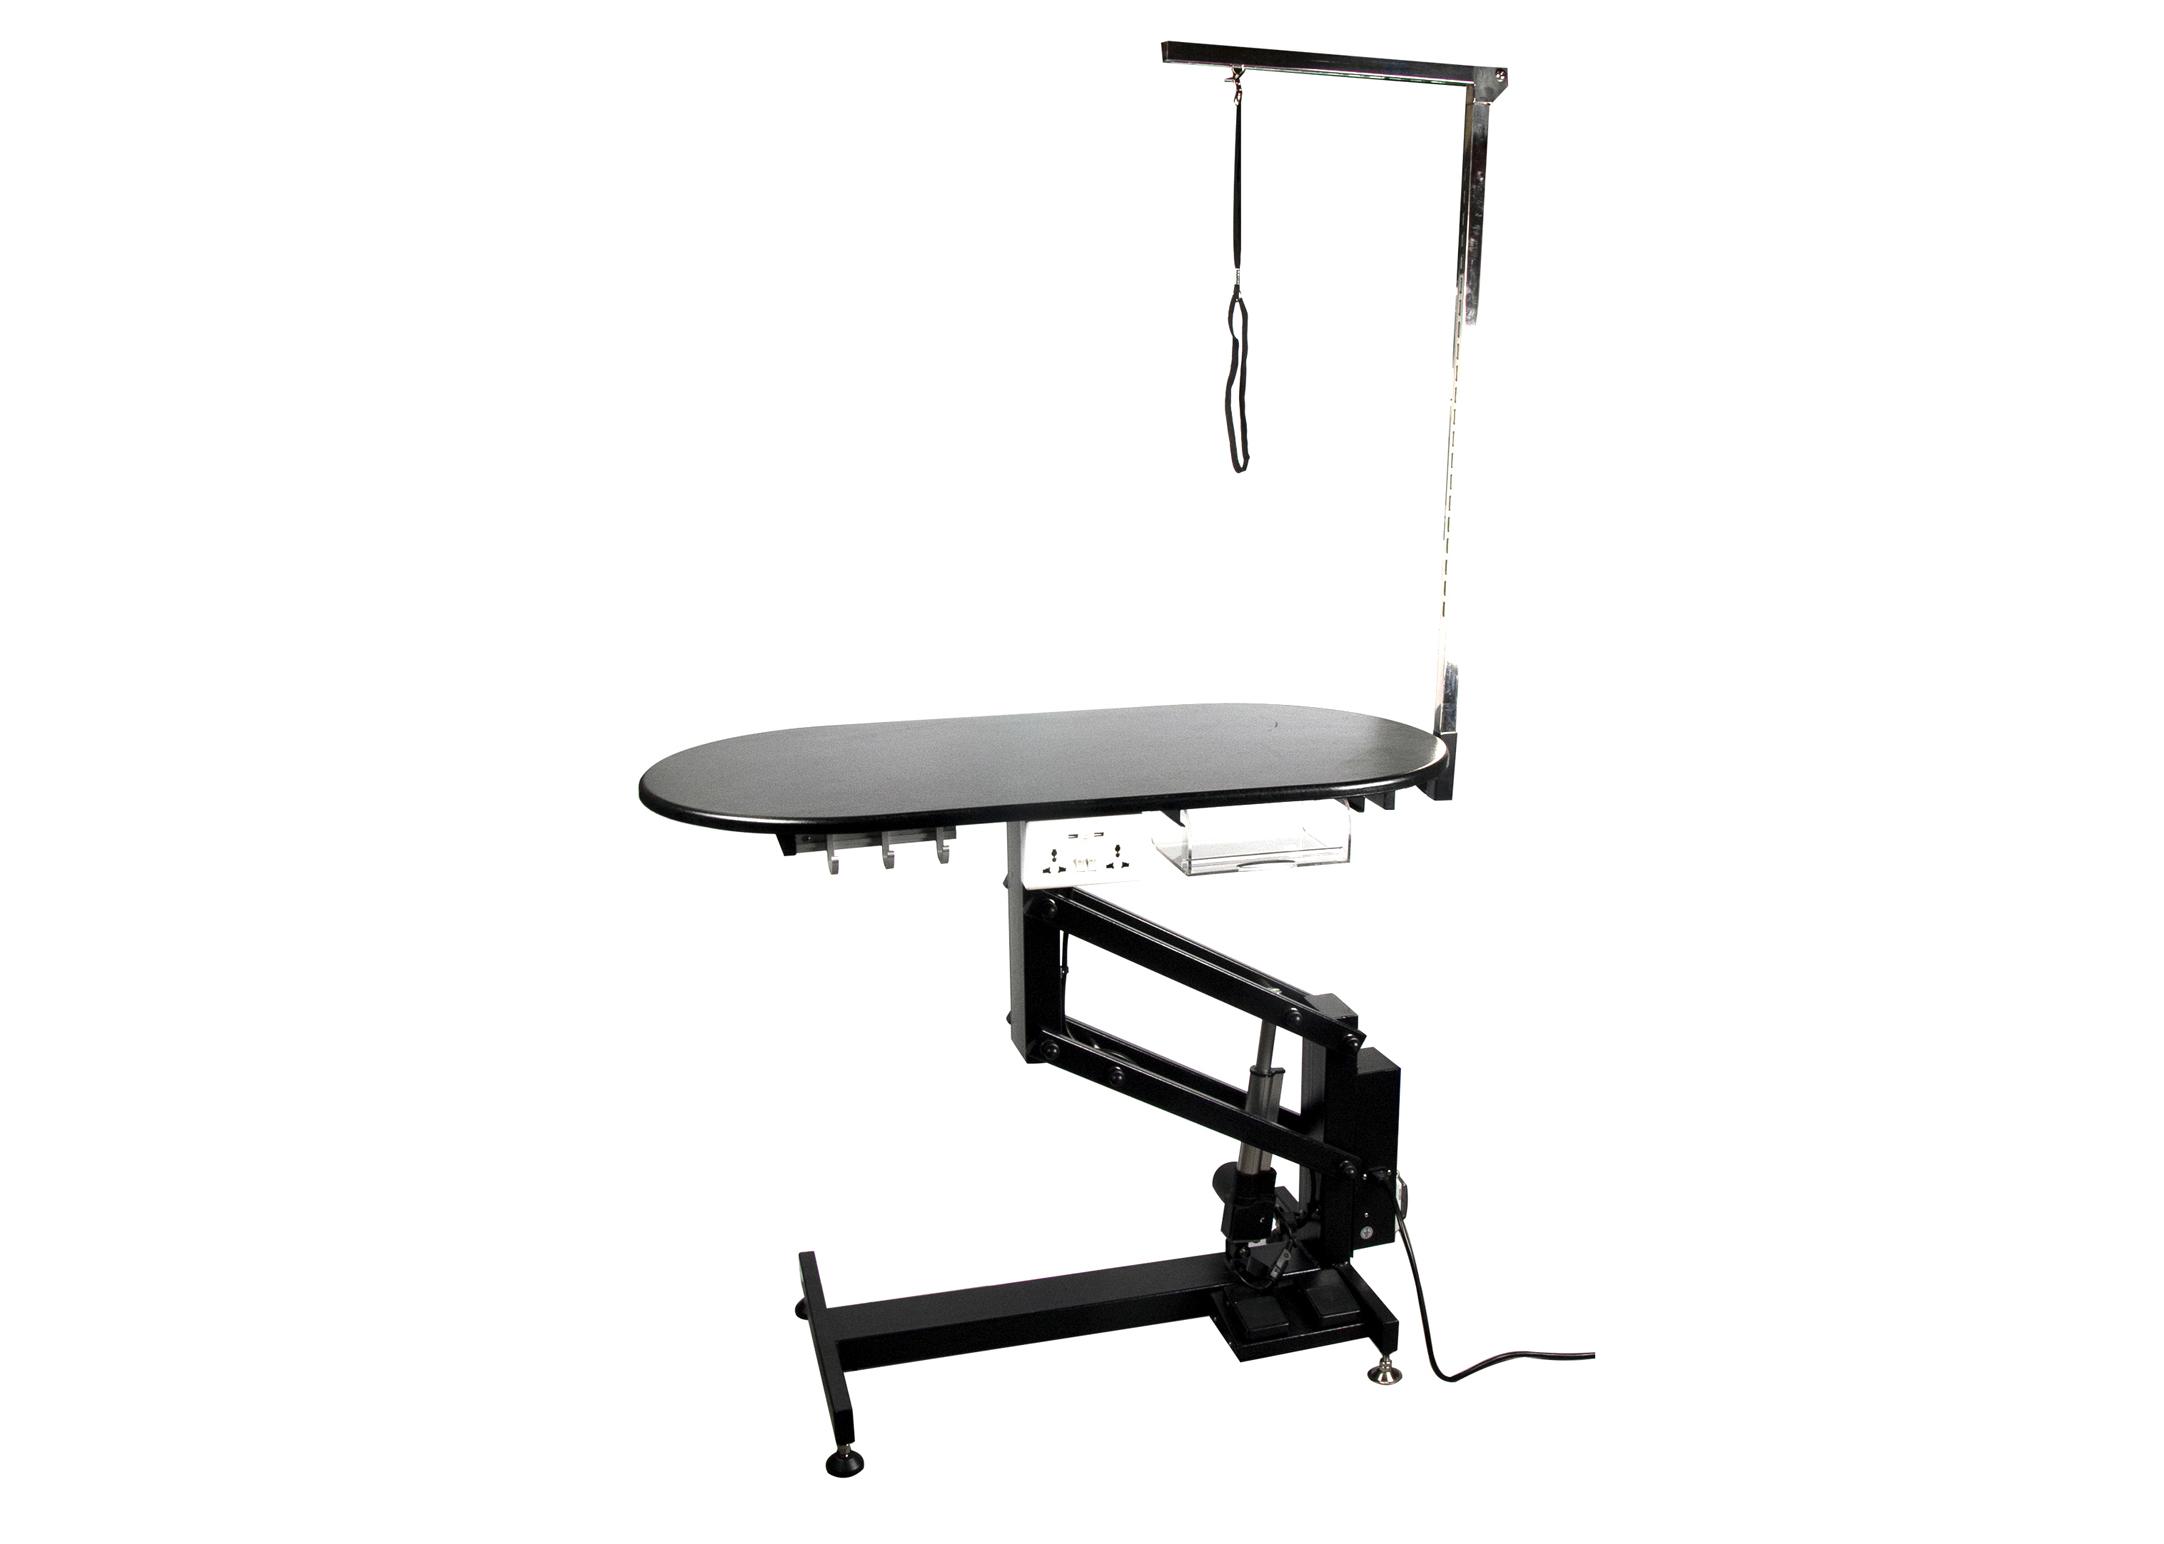 Groom-X Pro Special Table de Salon Ovale Electrique 110x55x53-109cmh avec Potence